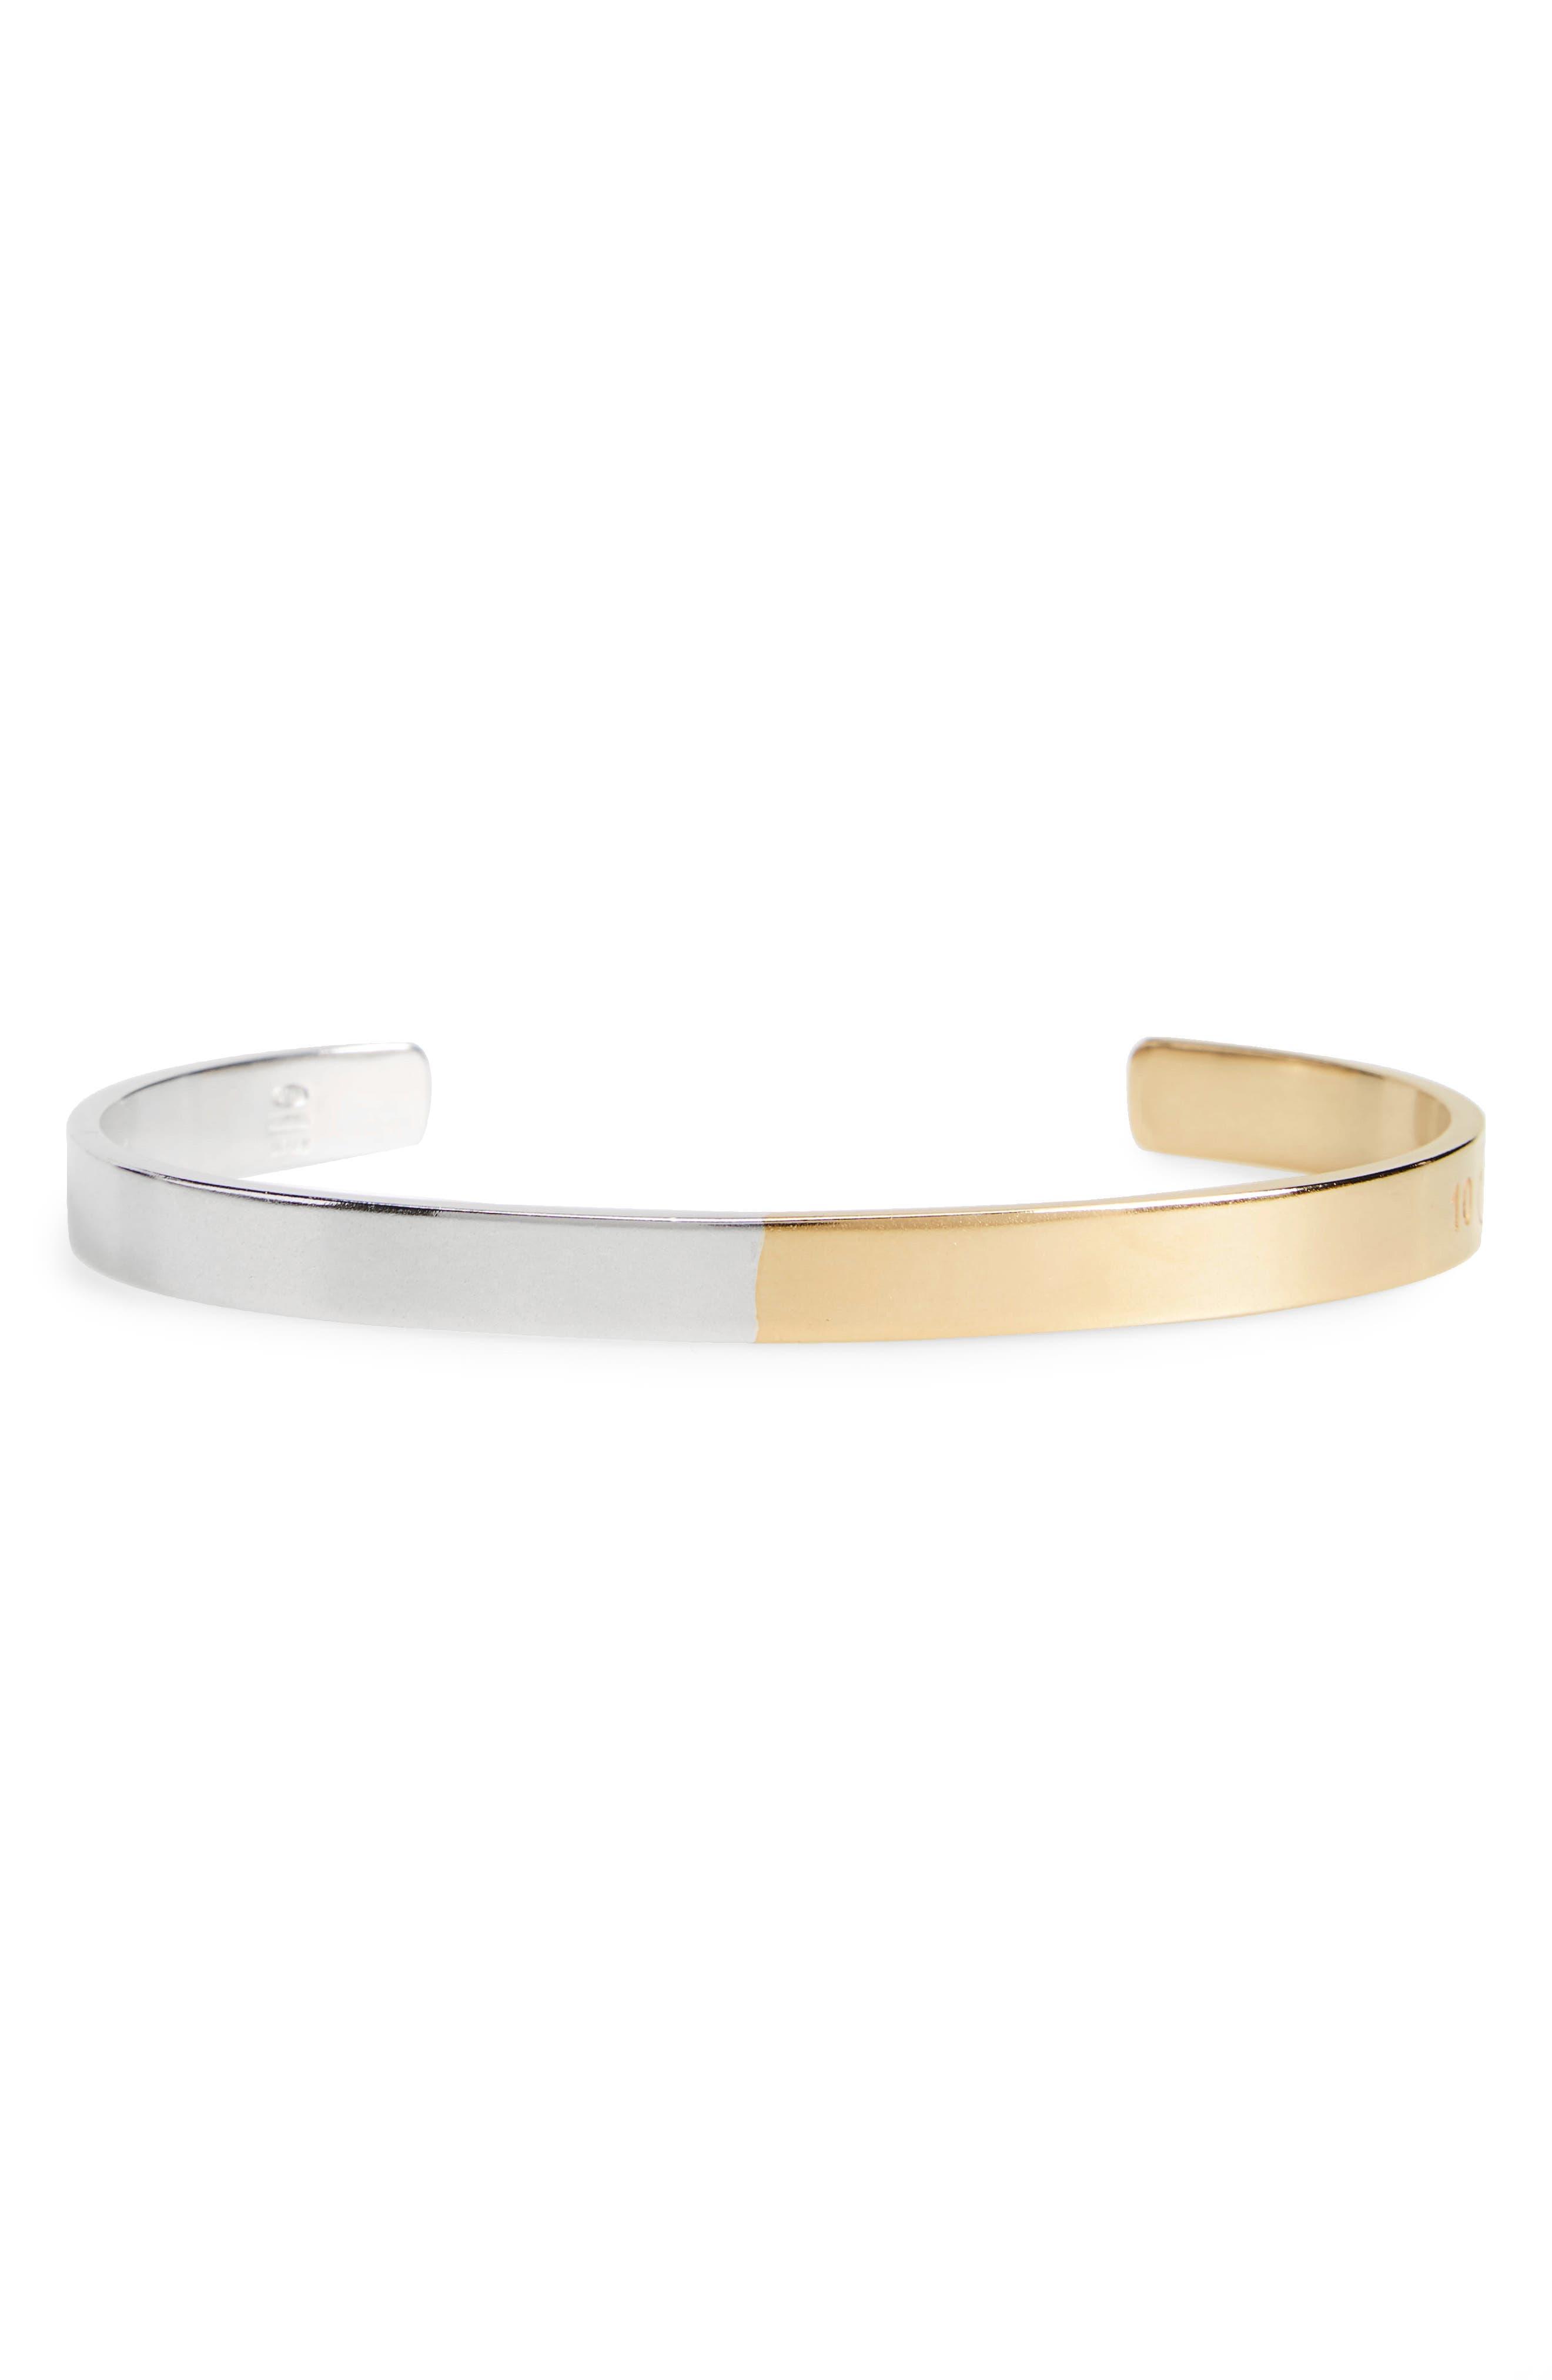 Bicolor Cuff Bracelet, Silver